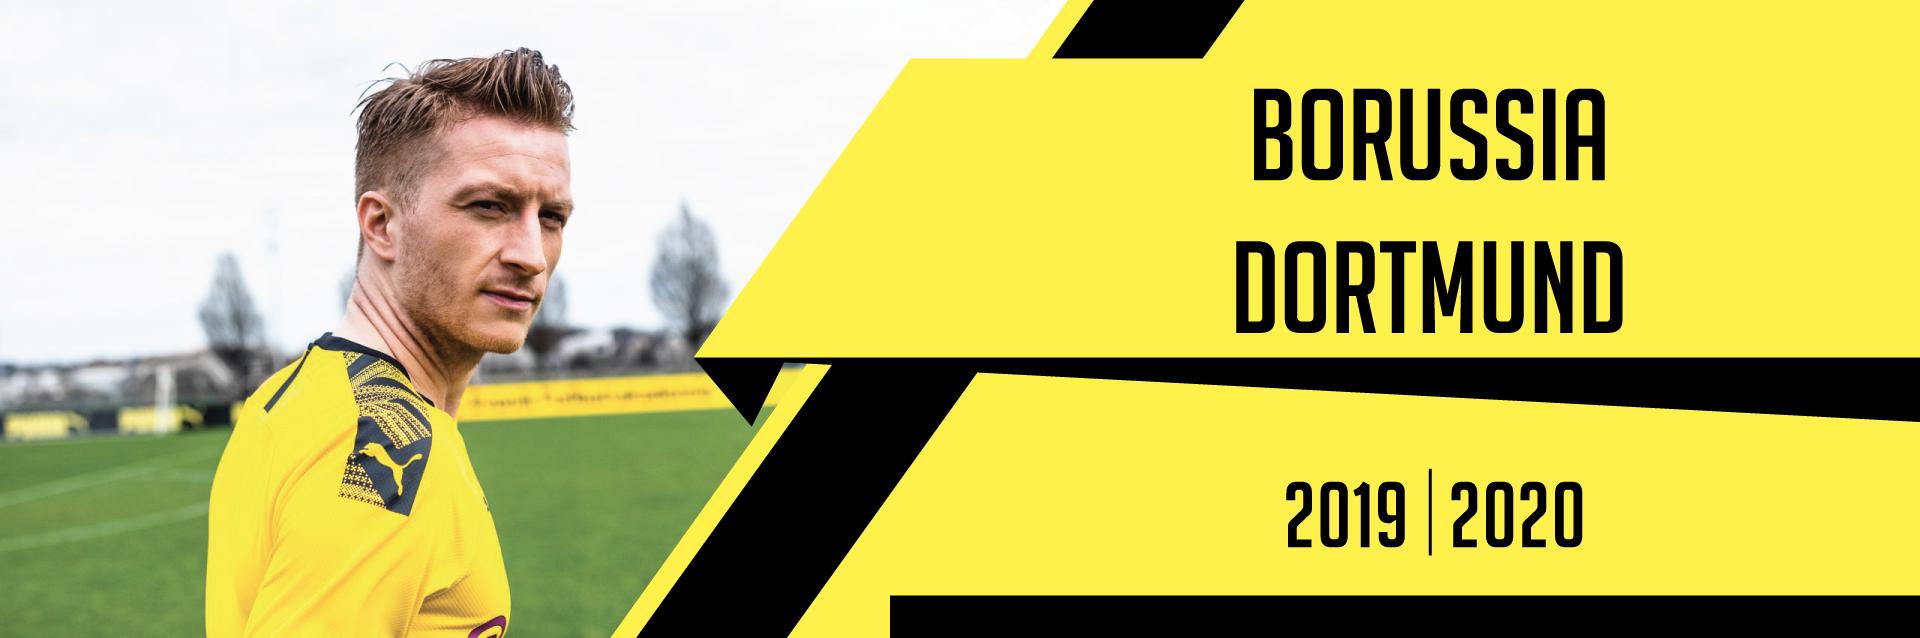 Nouveautés Dortmund BVB